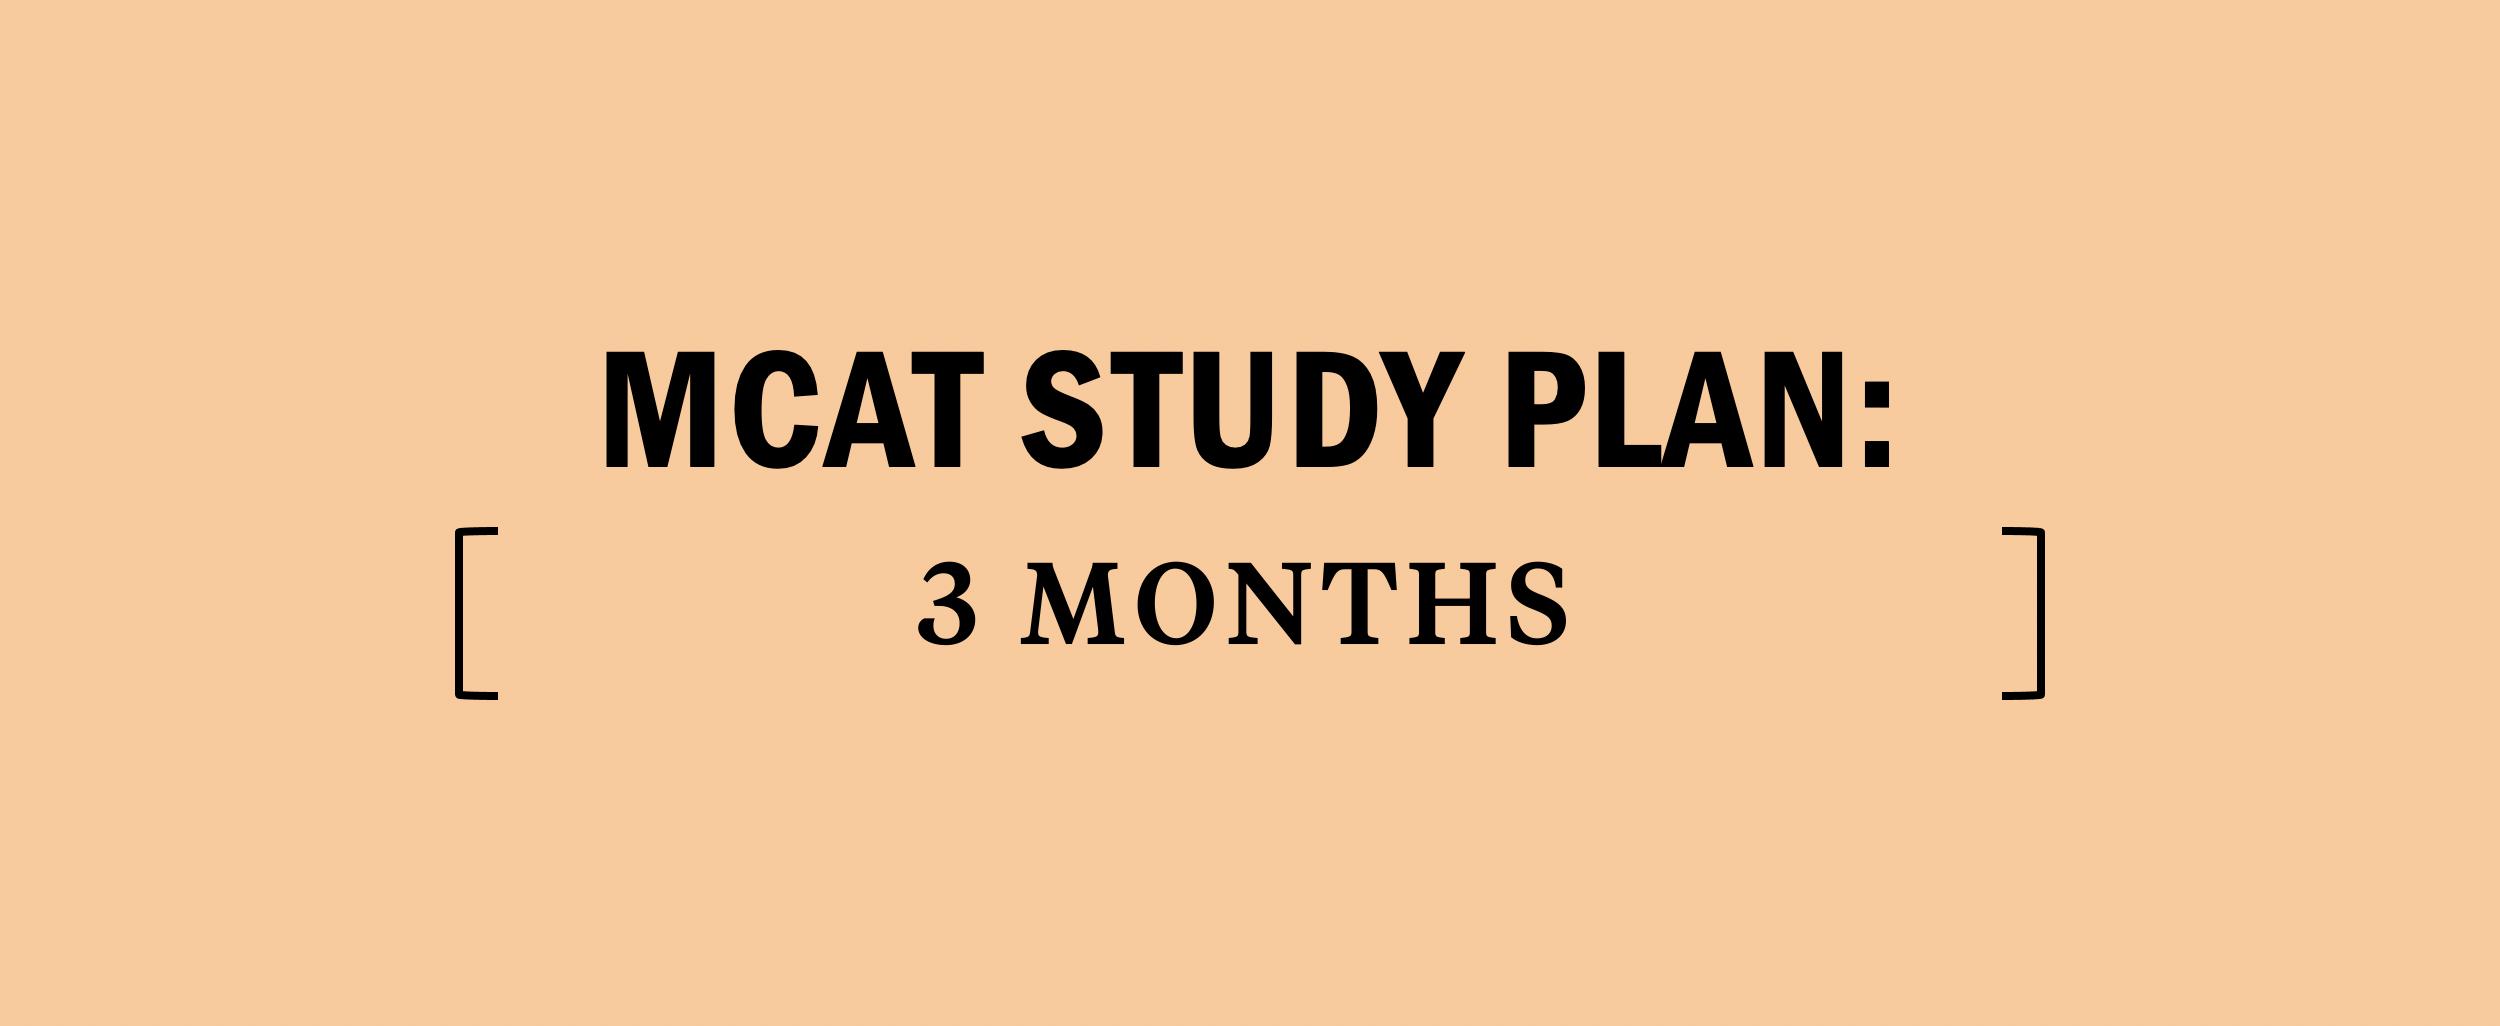 3-three-month-months-mcat-study-schedule-plan